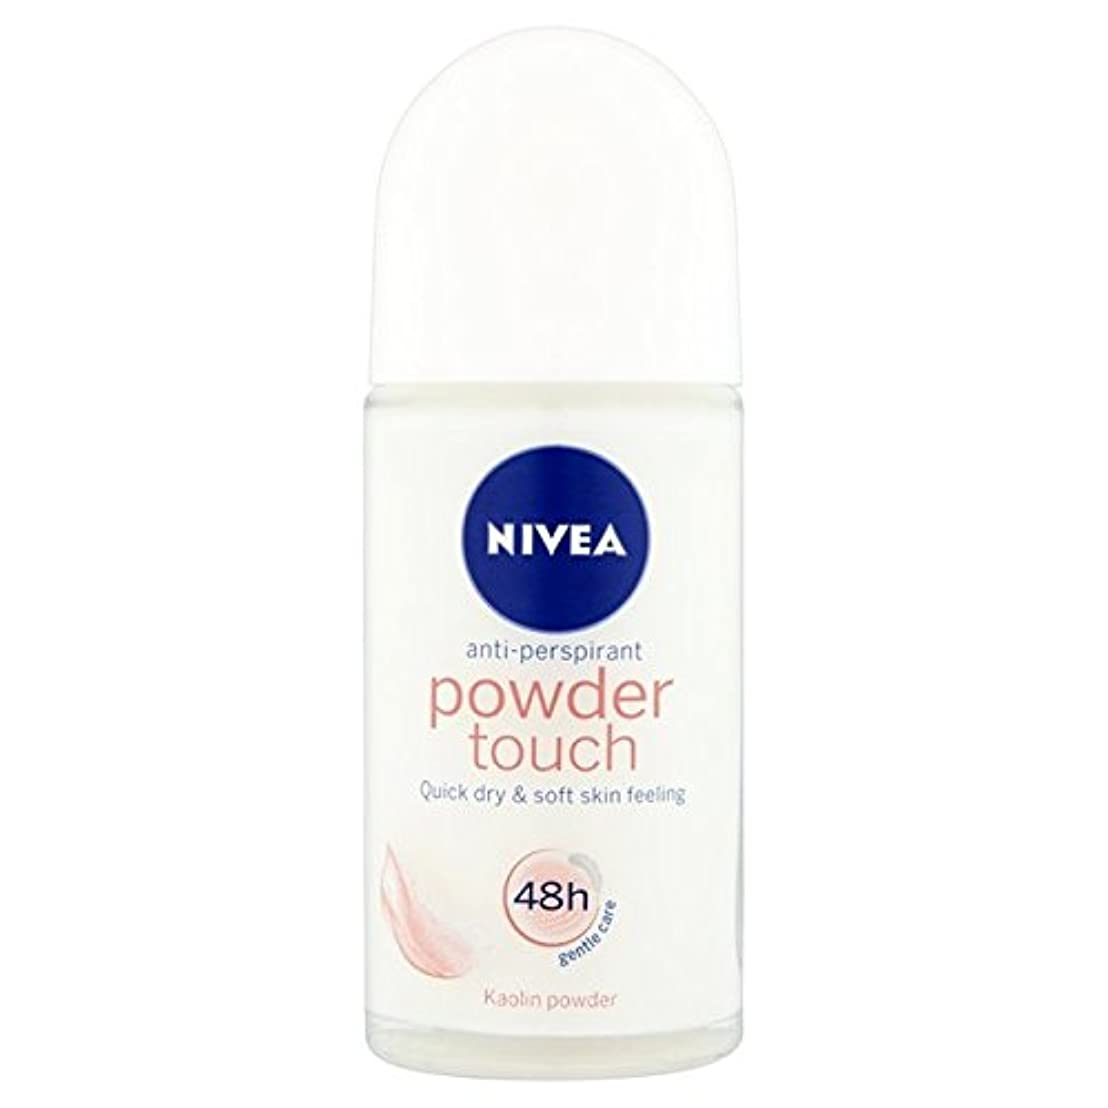 富壊滅的な背景Nivea Powder Touch 48hr Roll On Anti-Perspirant Deodorant 50ml - 制汗デオドラント50ミリリットルのニベアパウダータッチ48時間ロール [並行輸入品]